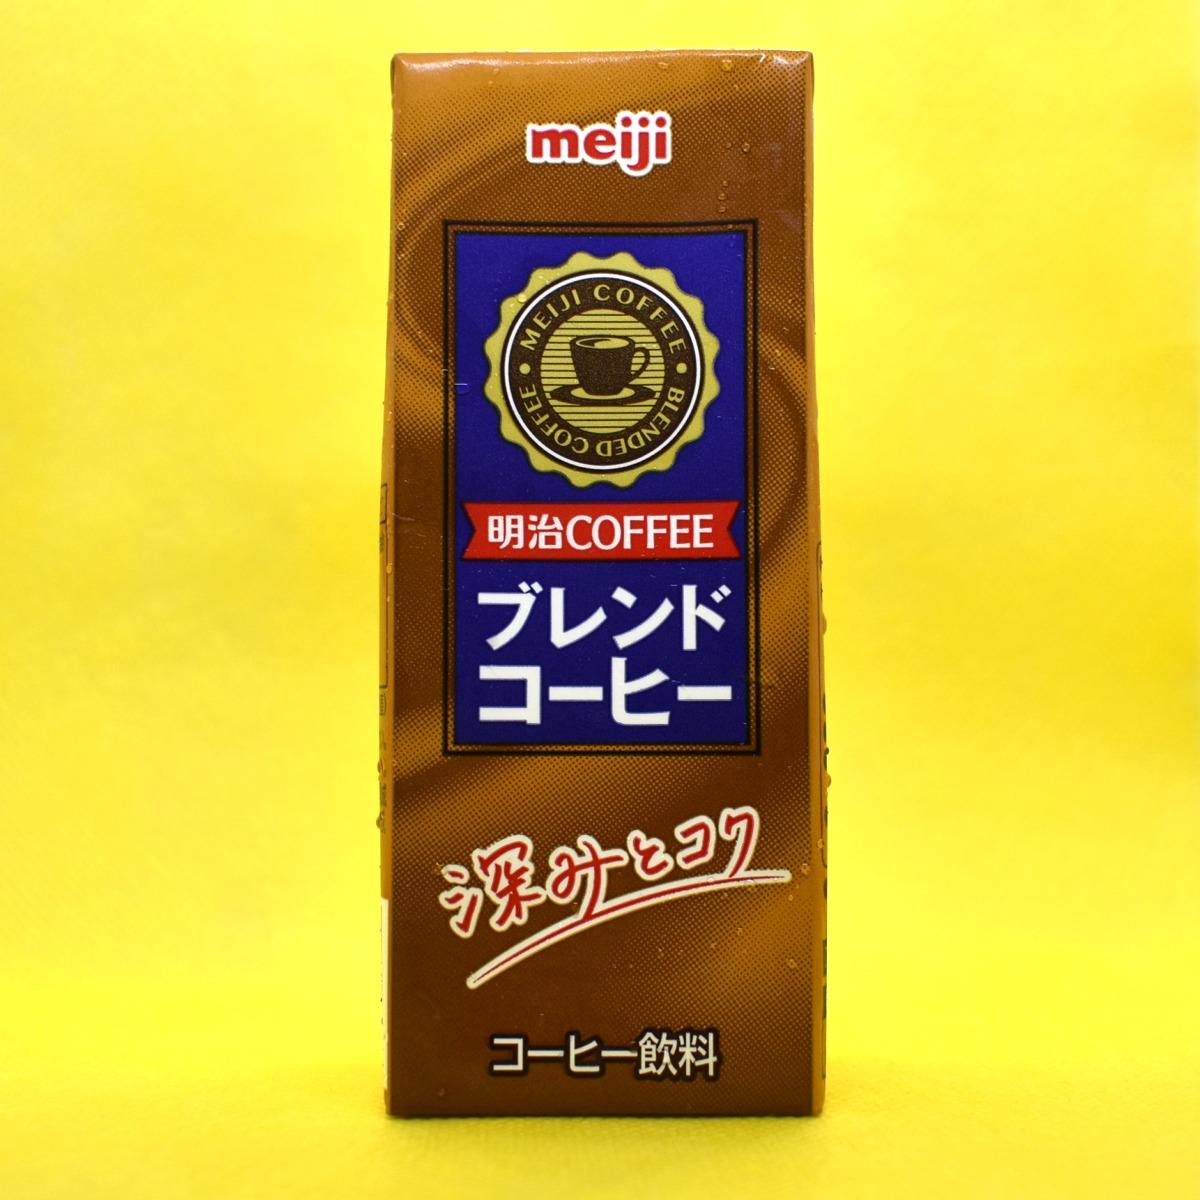 明治COFFEEブレンドコーヒー